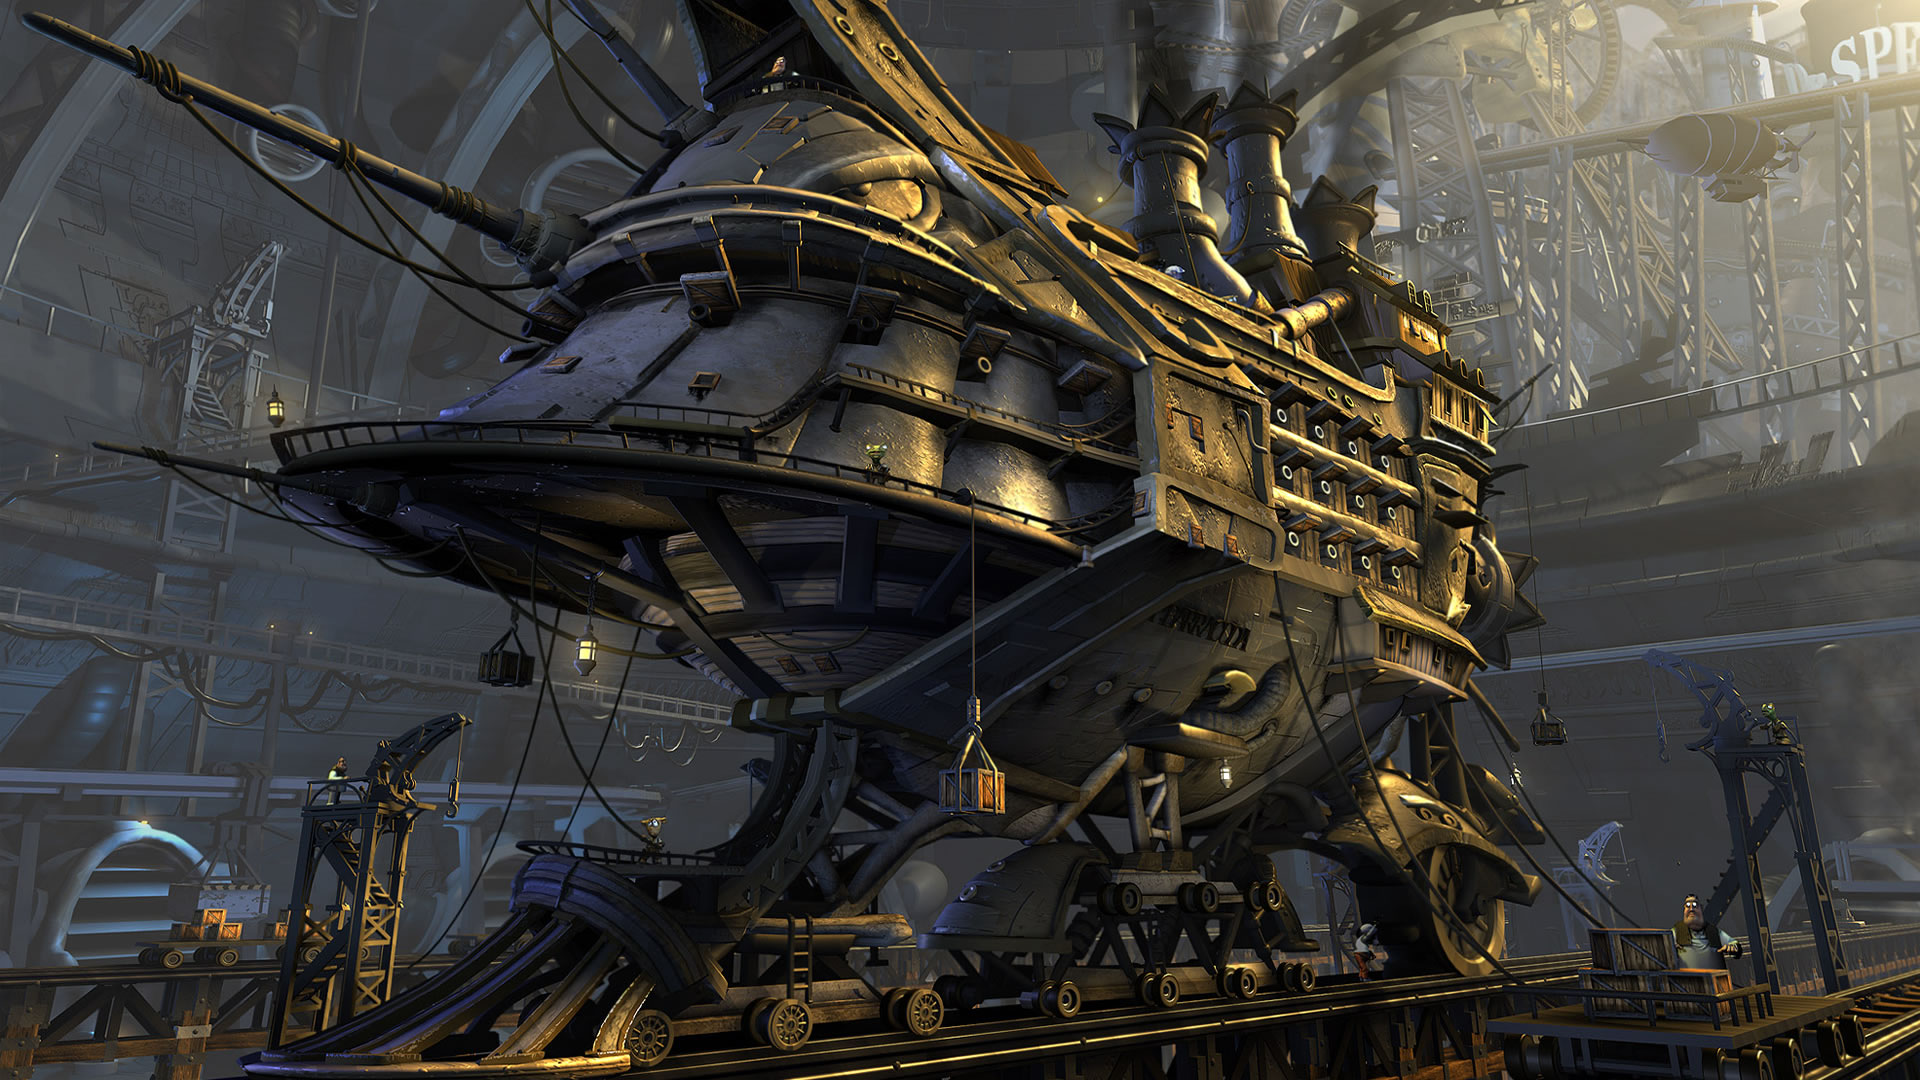 Sci fi wallpaper of the week 13   3DCoolvibe Digital Art 1920x1080